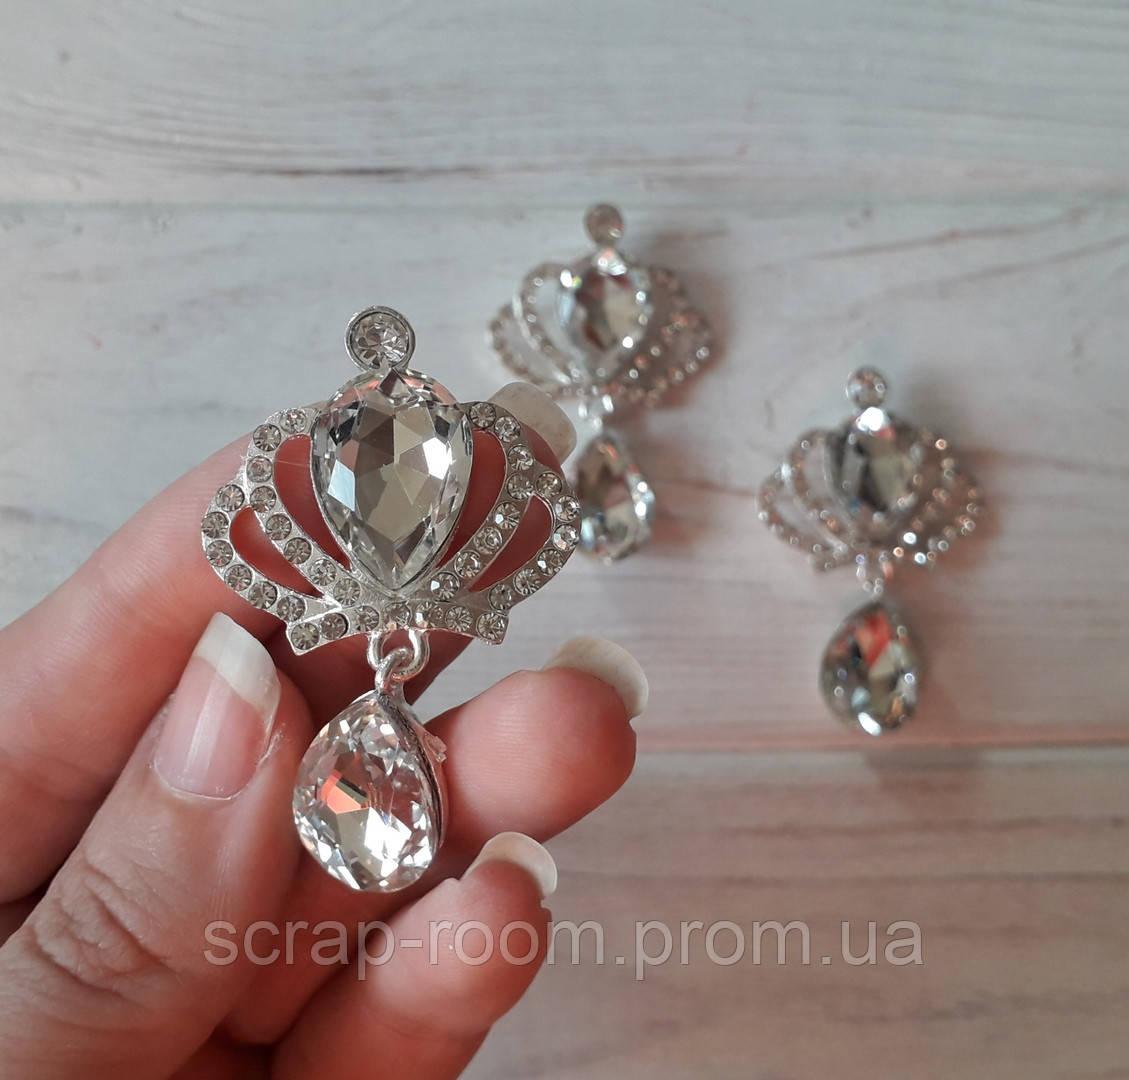 Брошь корона, брошь корона с белым камнем, корона с подвеской, брошь свадебная, размер 30*50 мм, цена за шт